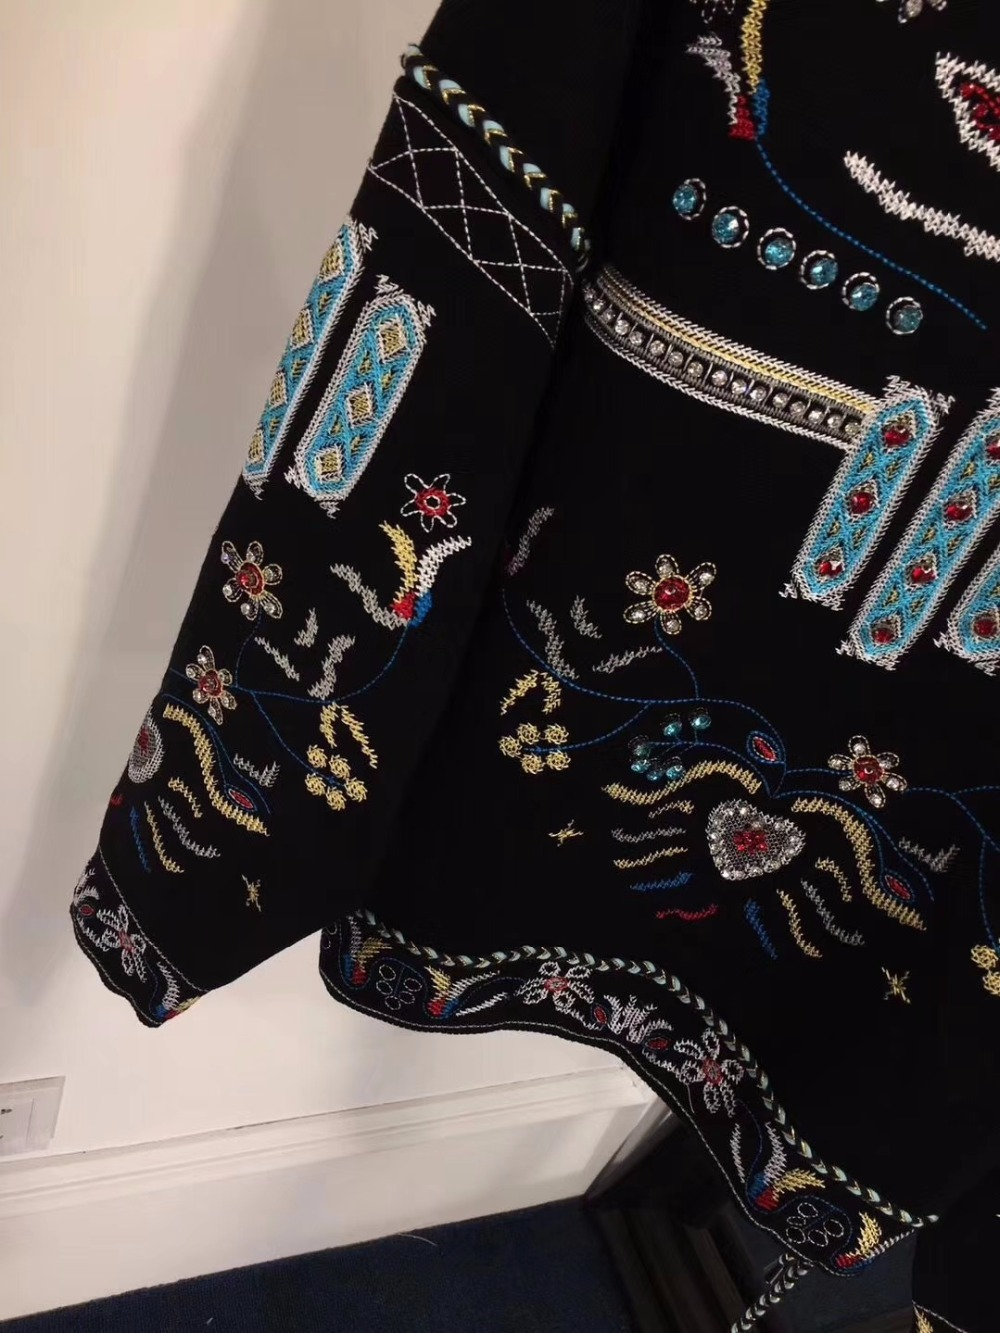 Tops Top T Femelle Pour Mode Vadim shirts Broderie Vêtements Femmes À 2018 Lâche De Fine Chemise Longues Graphique T Manches Tunique FJ3lKcT1